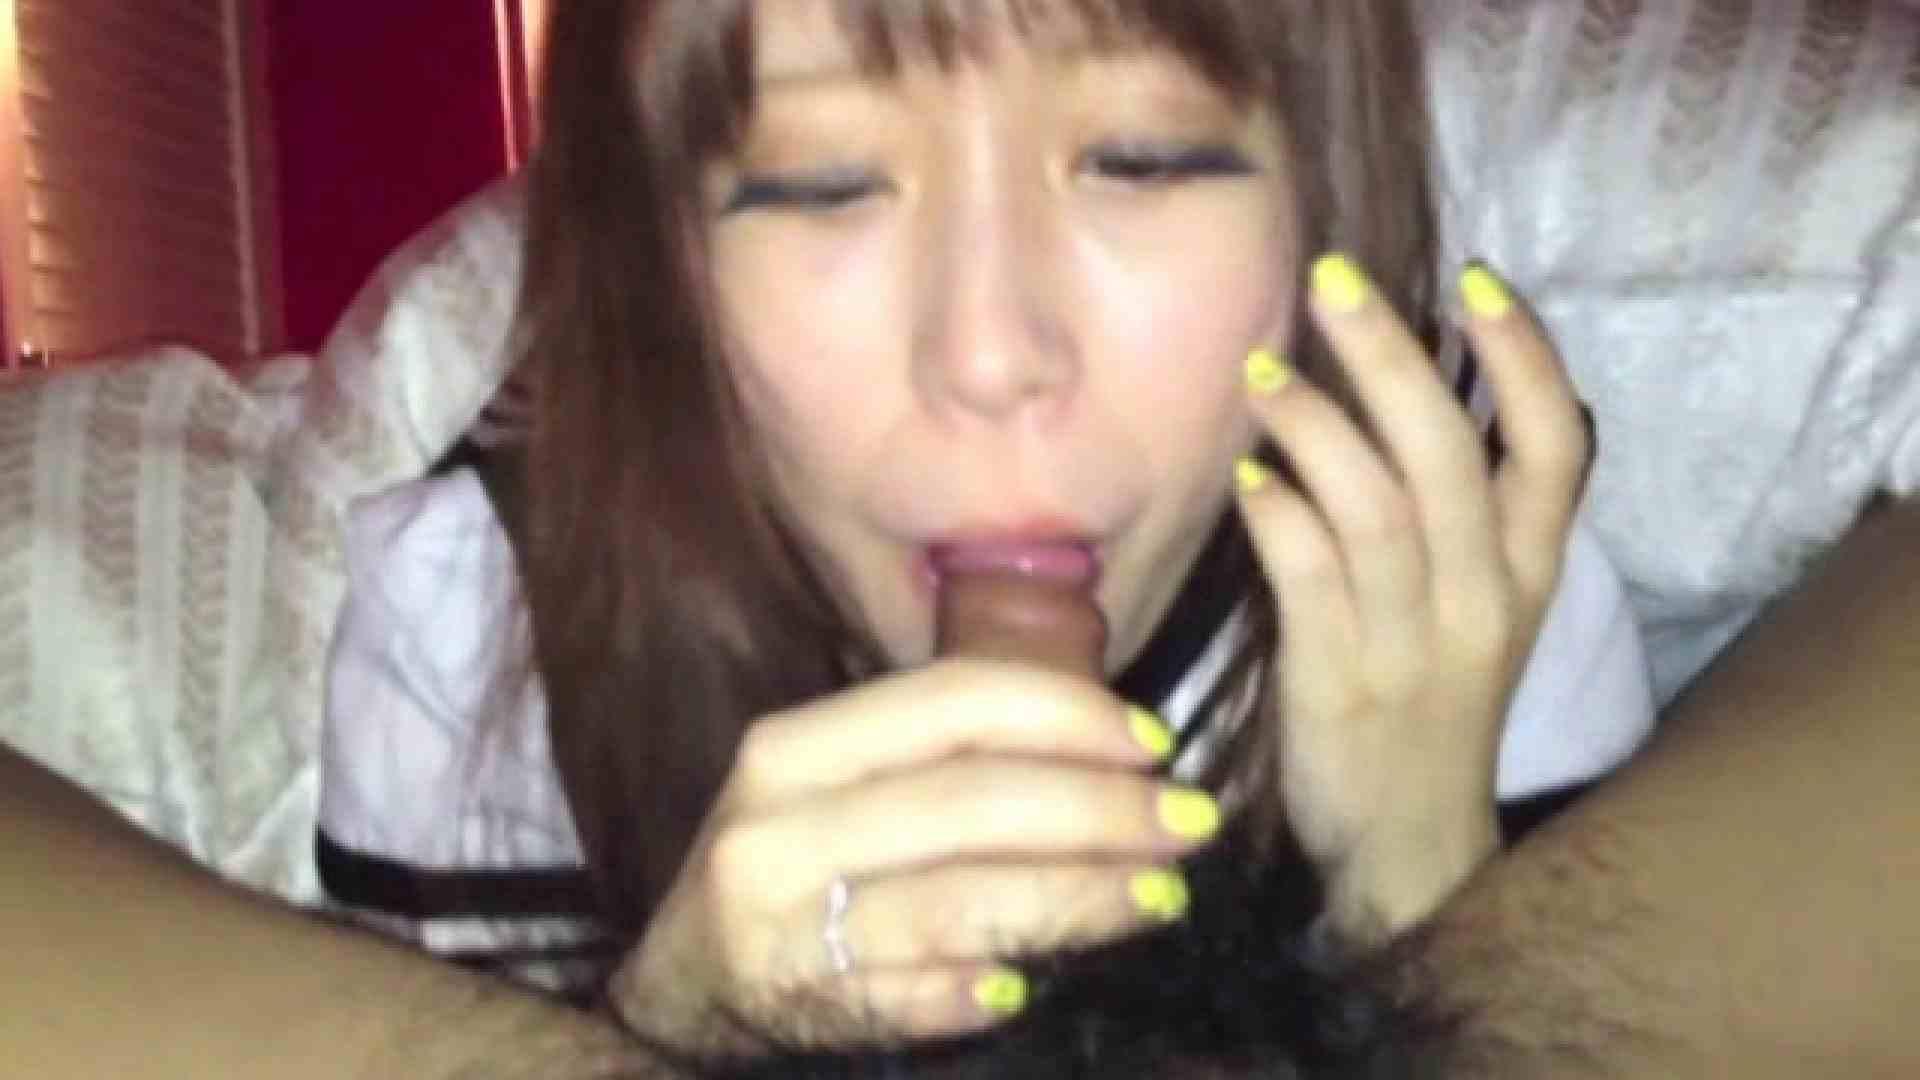 ドラゴン2世 チャラ男の個人撮影 Vol.09 超かわいい彼女 ゆいか 18才 Part.05 制服・パイズリ 0 | 0  14連発 5